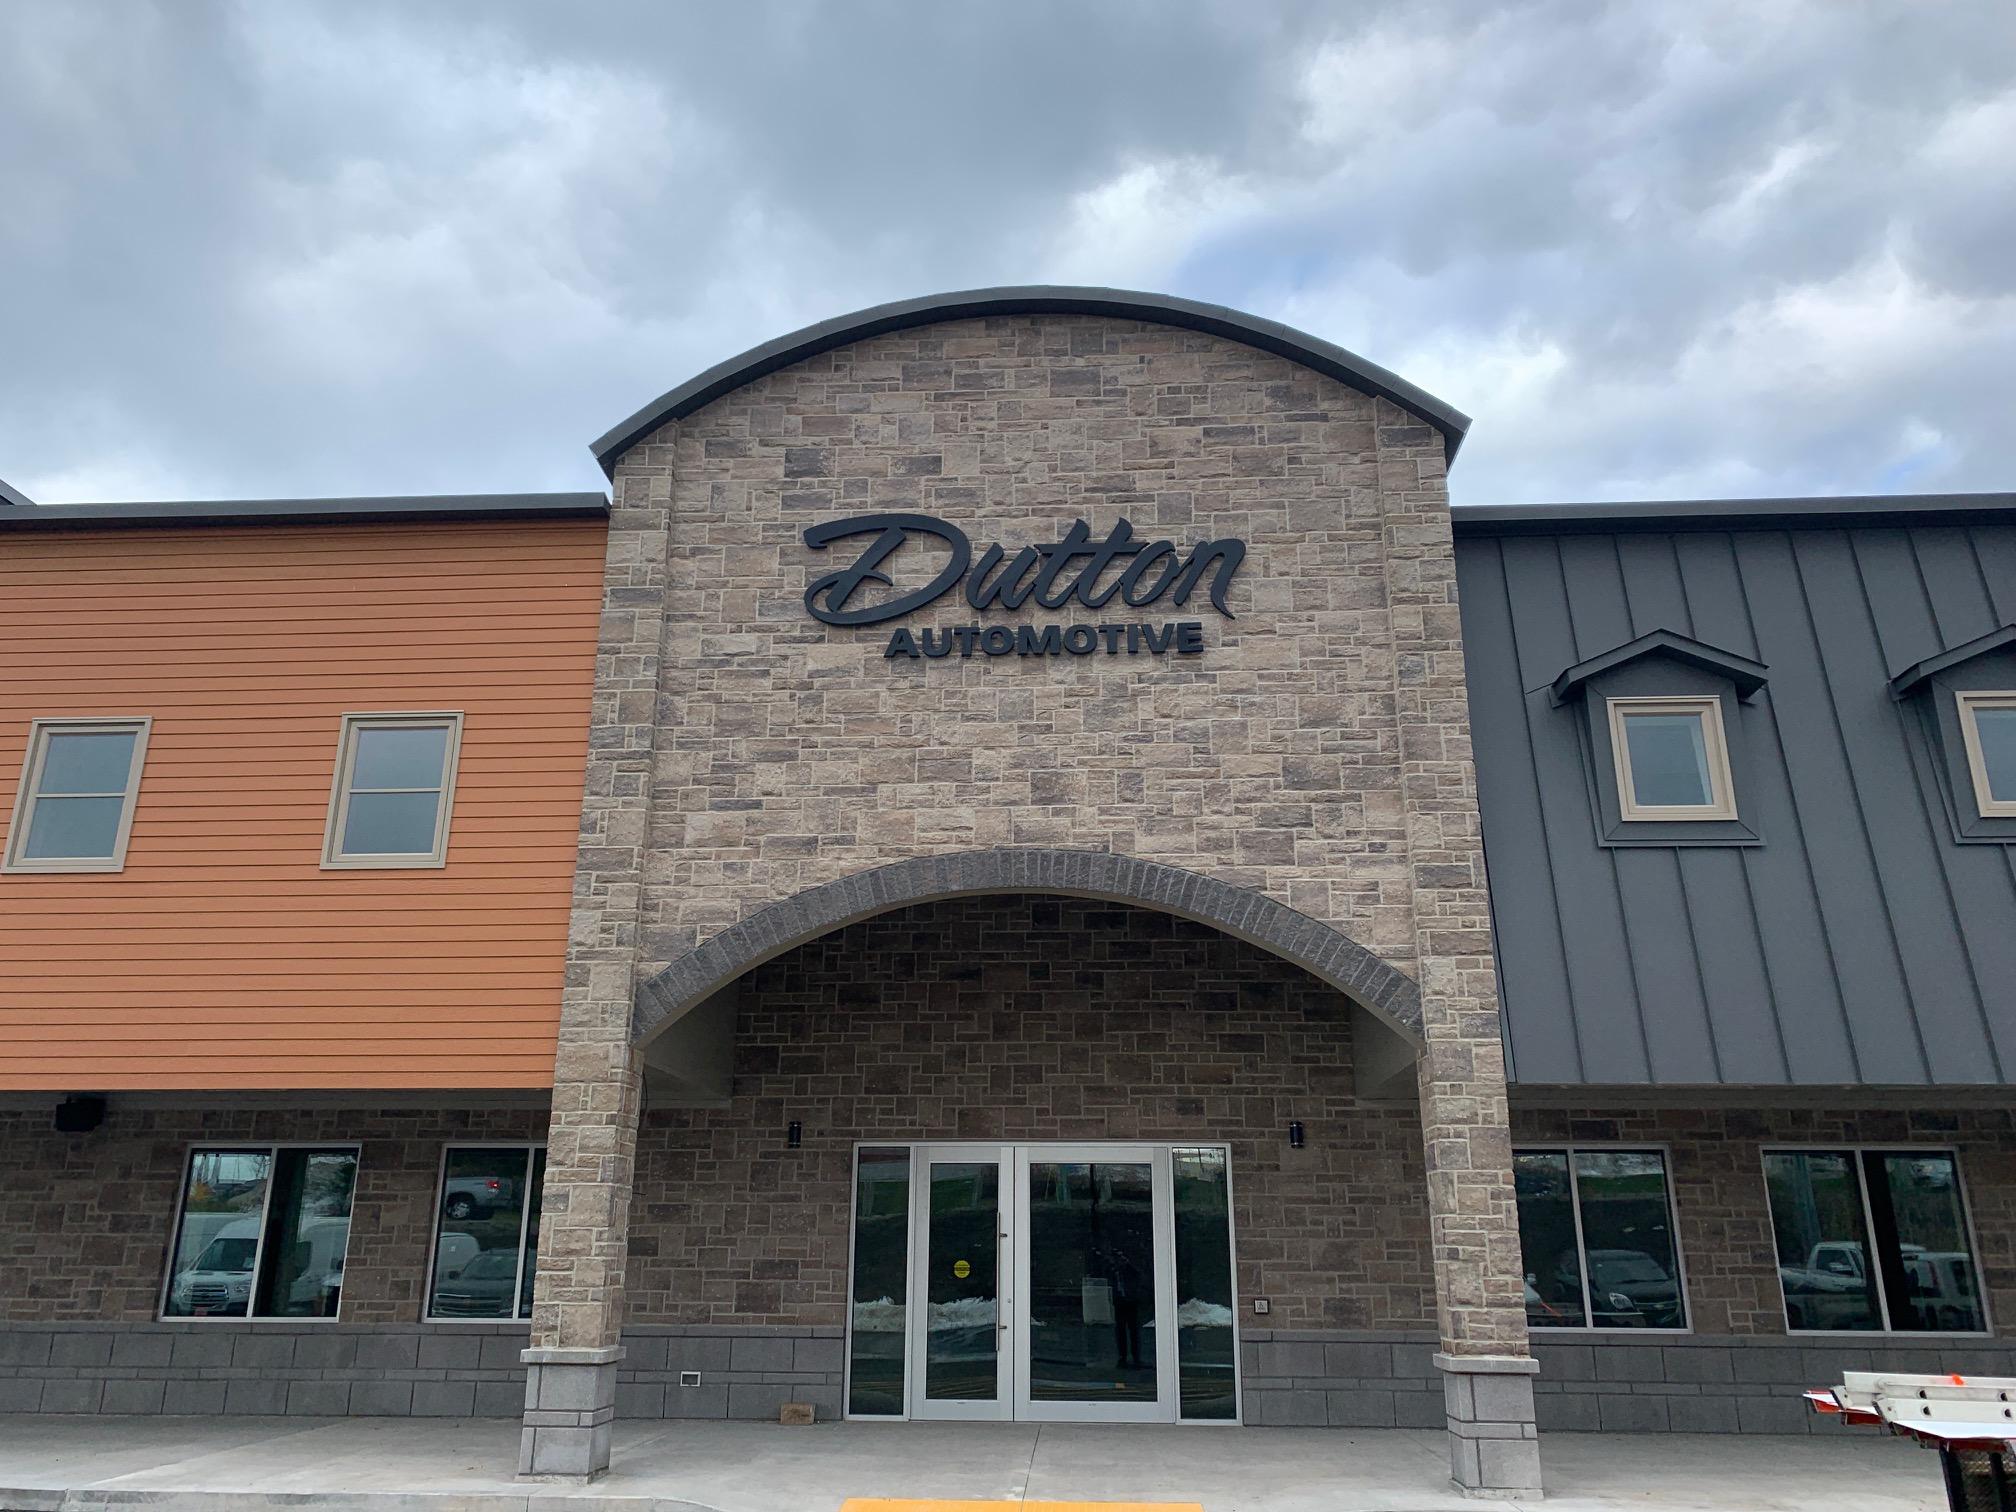 Dutton Automotive Building Signage